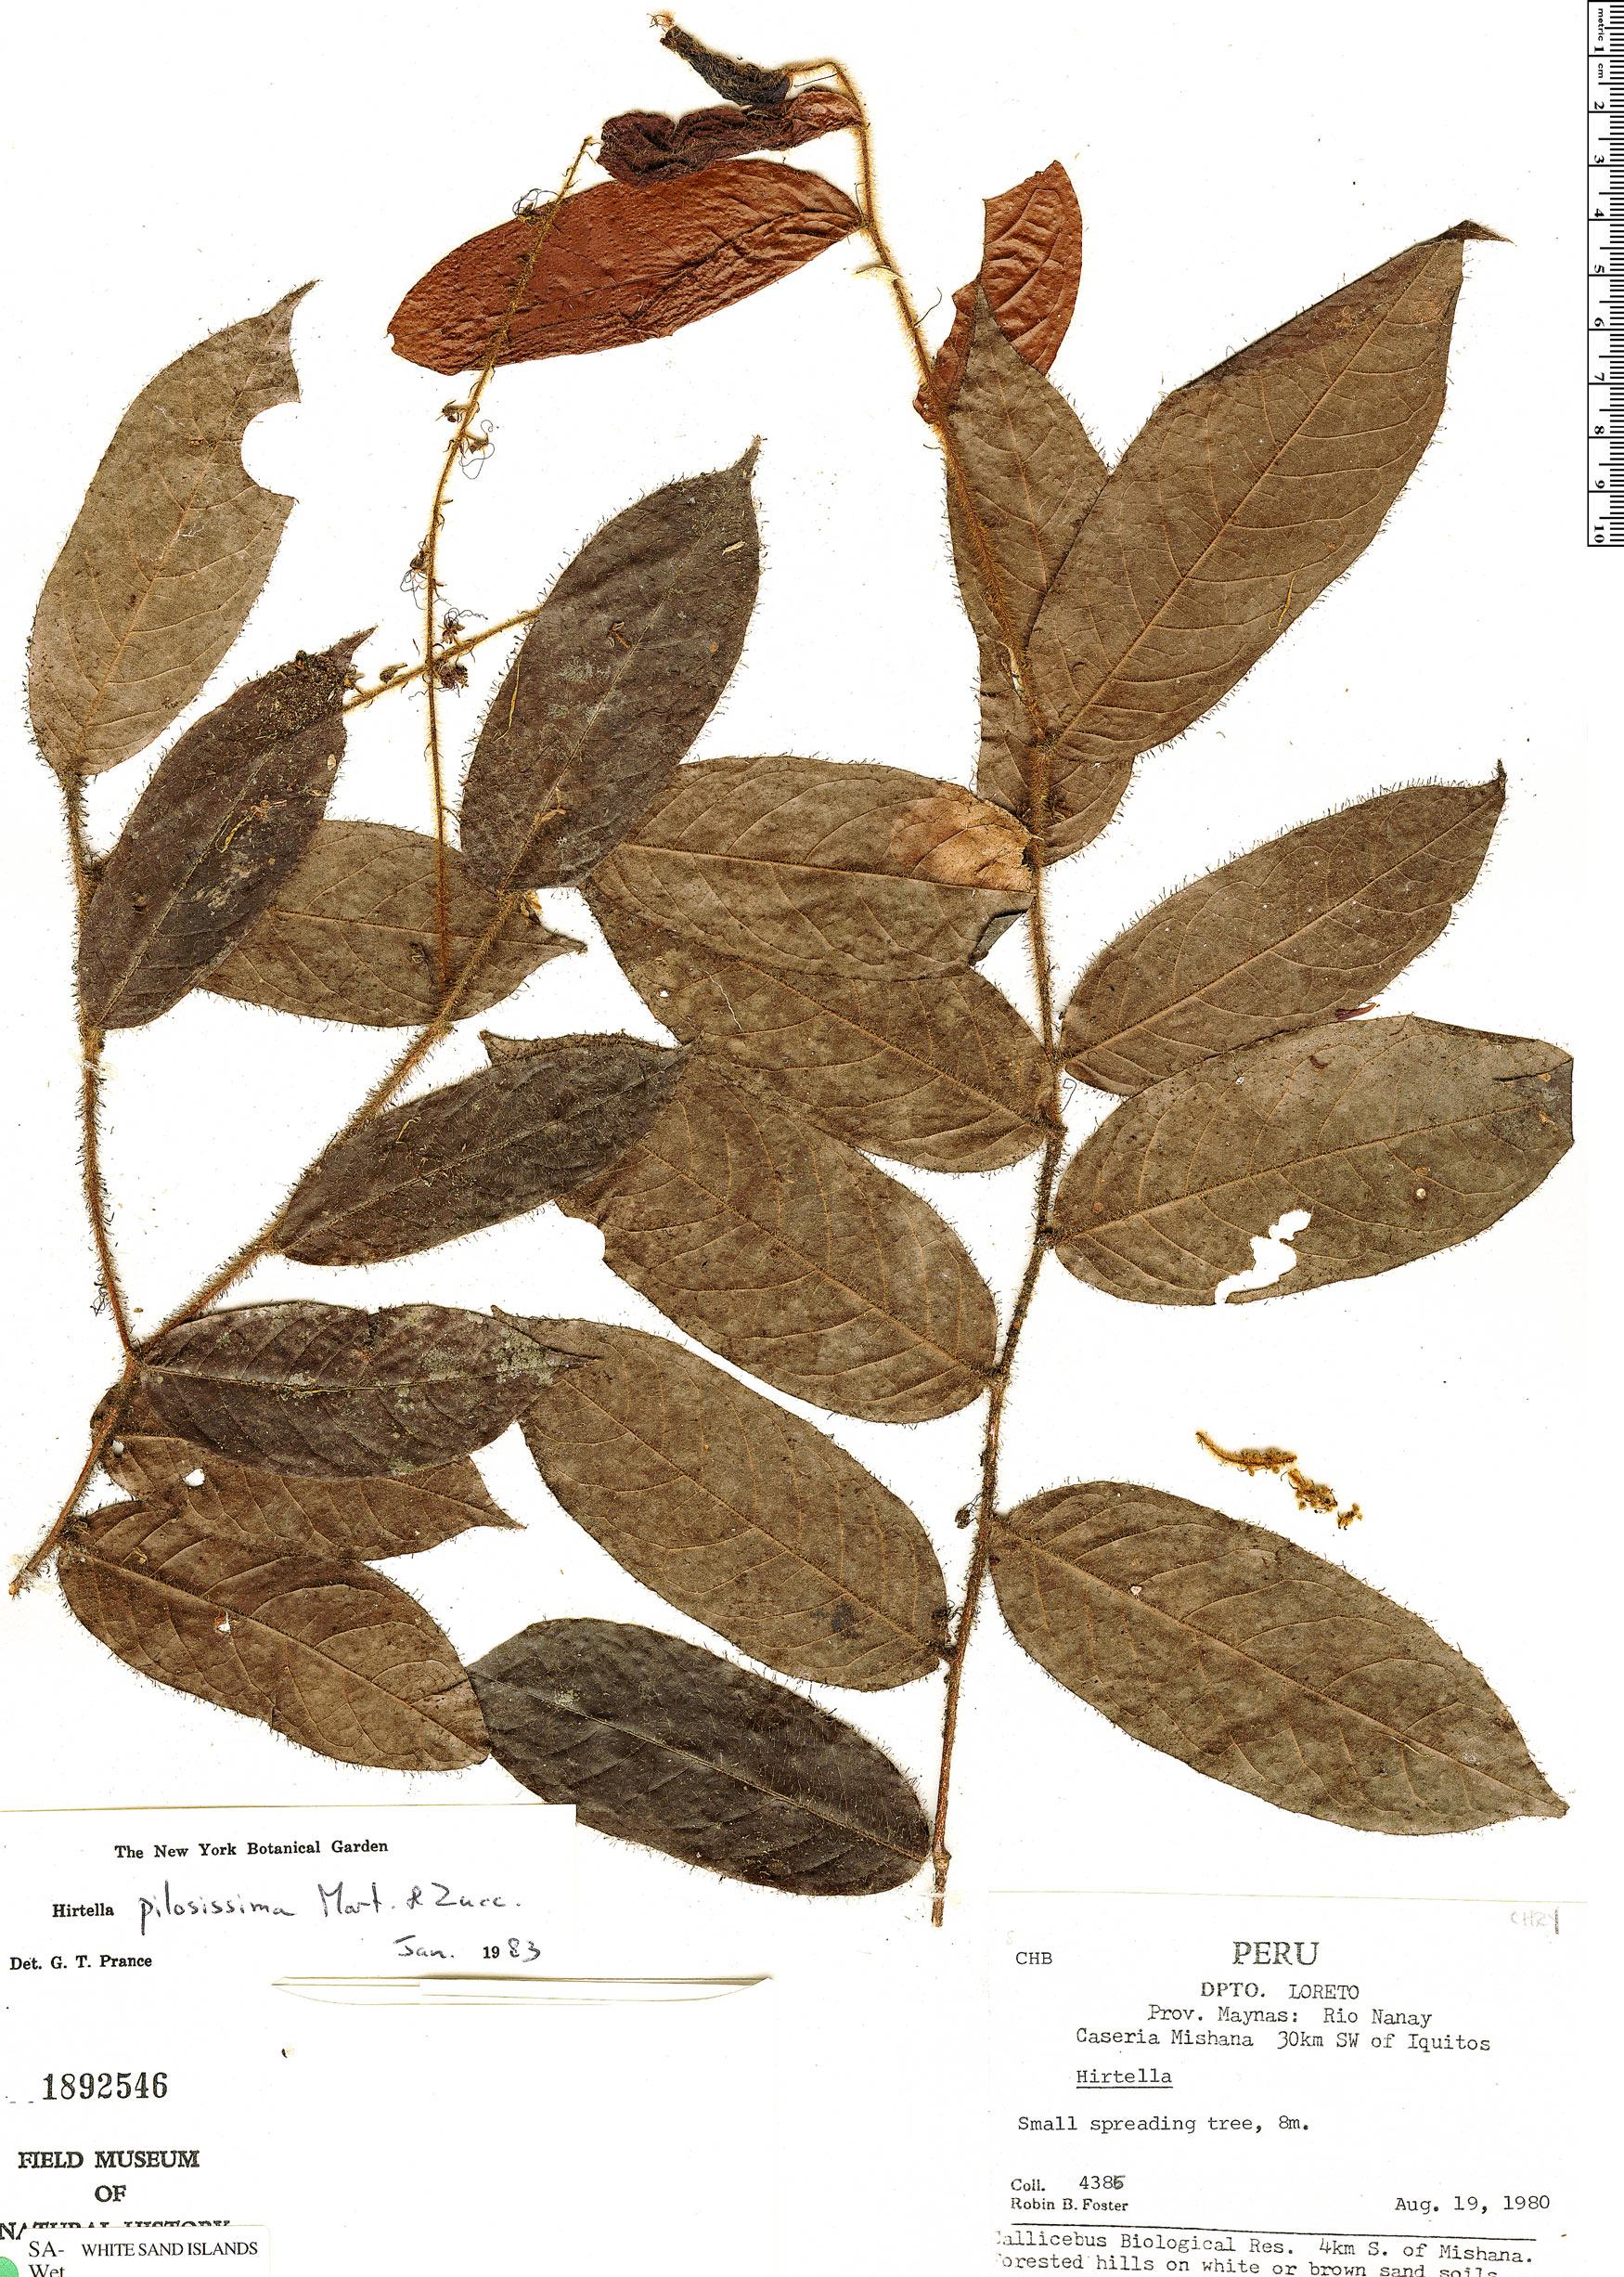 Specimen: Hirtella pilosissima